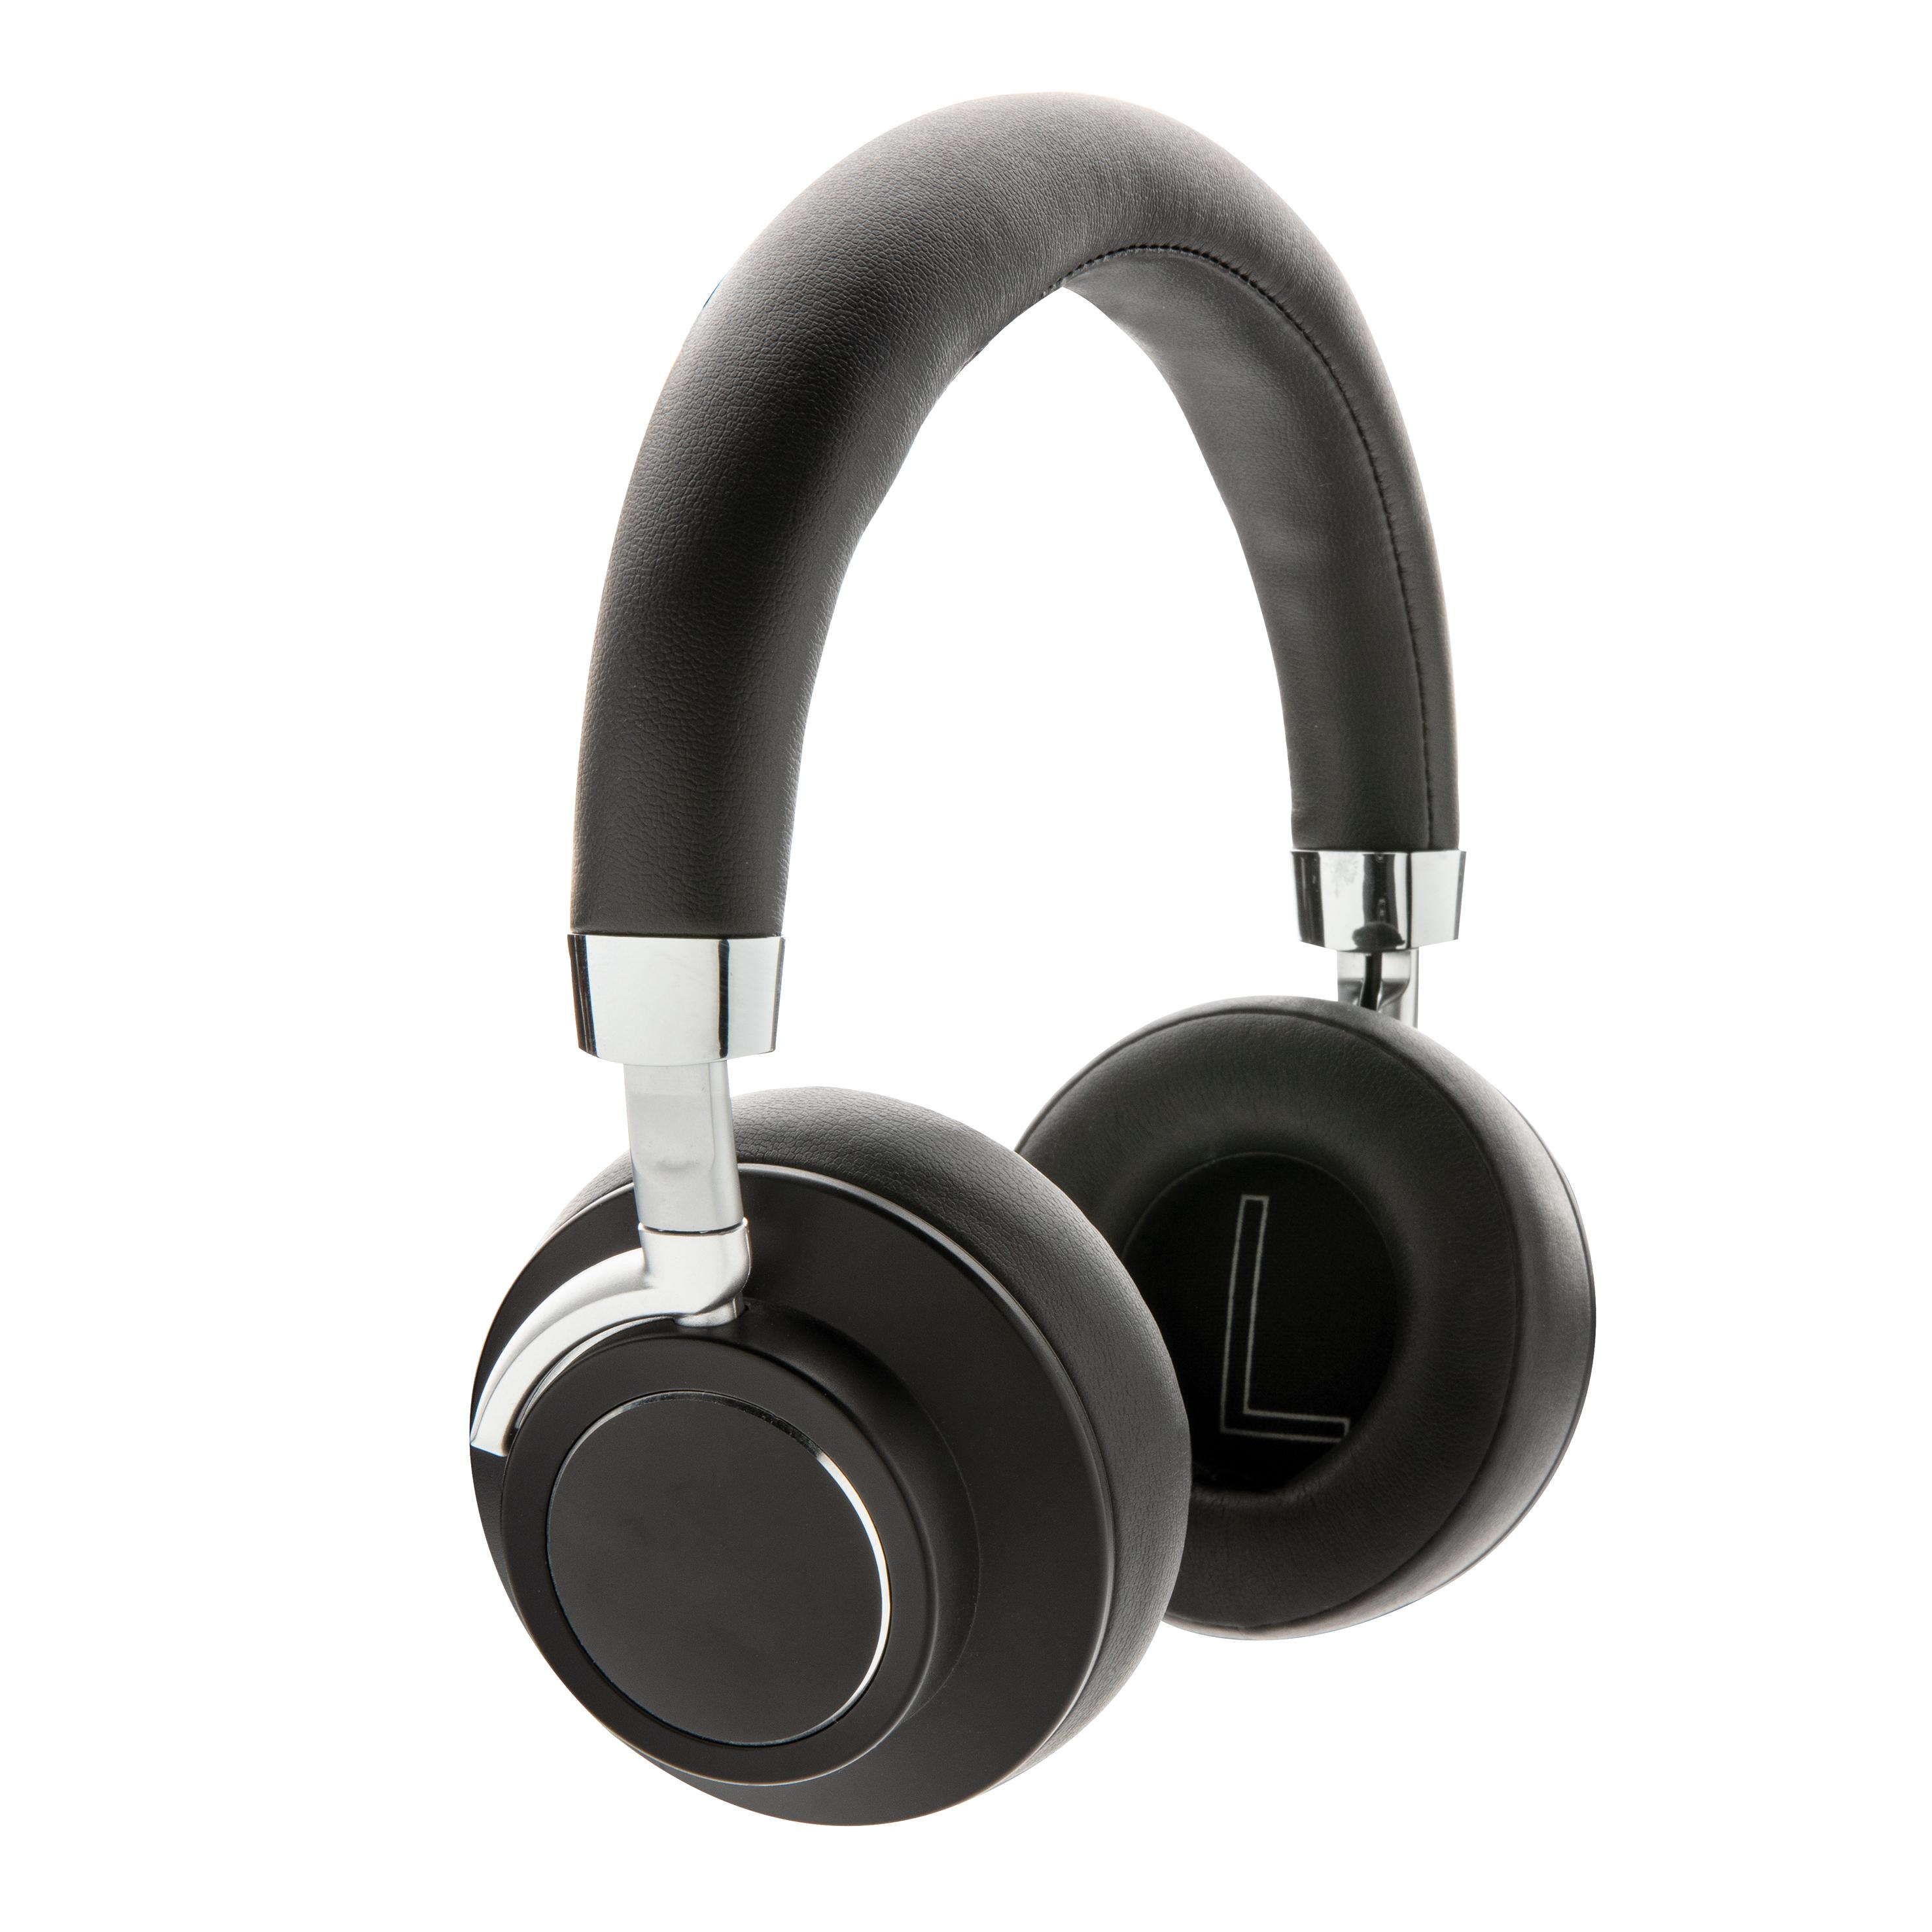 Casque audio en aluminium et PU